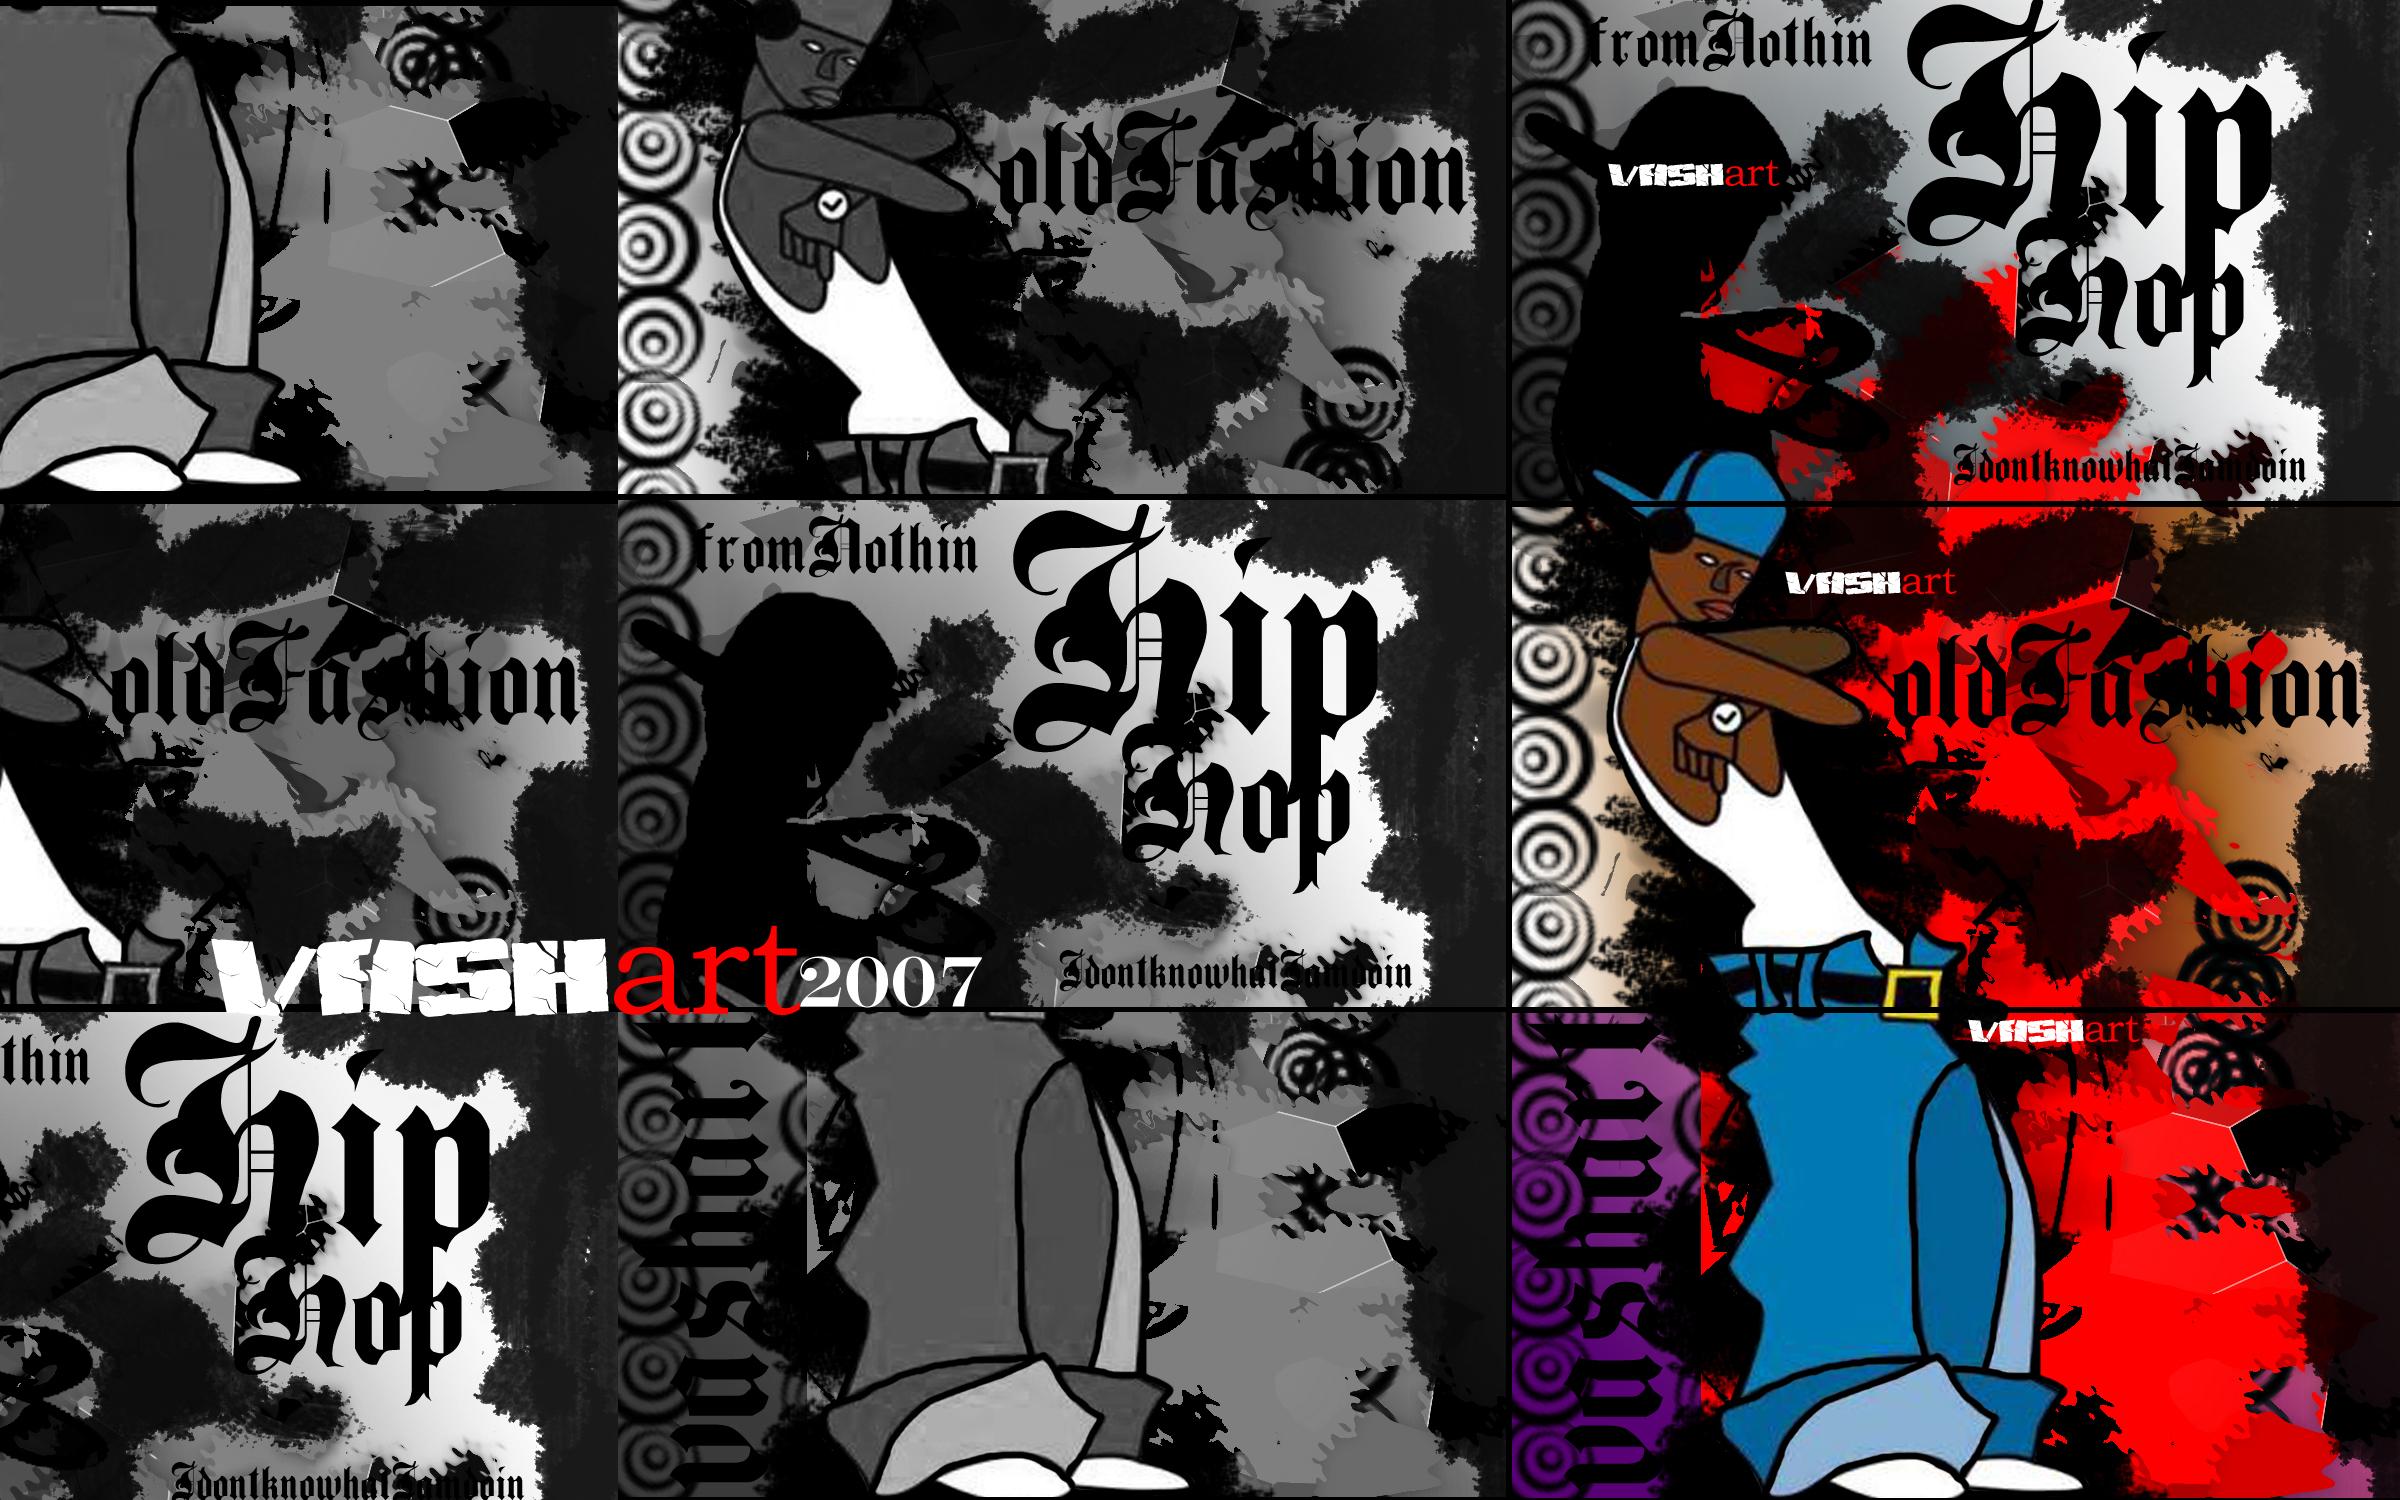 Download wallpaper cool wallpaper cool hip hop 2400x1500